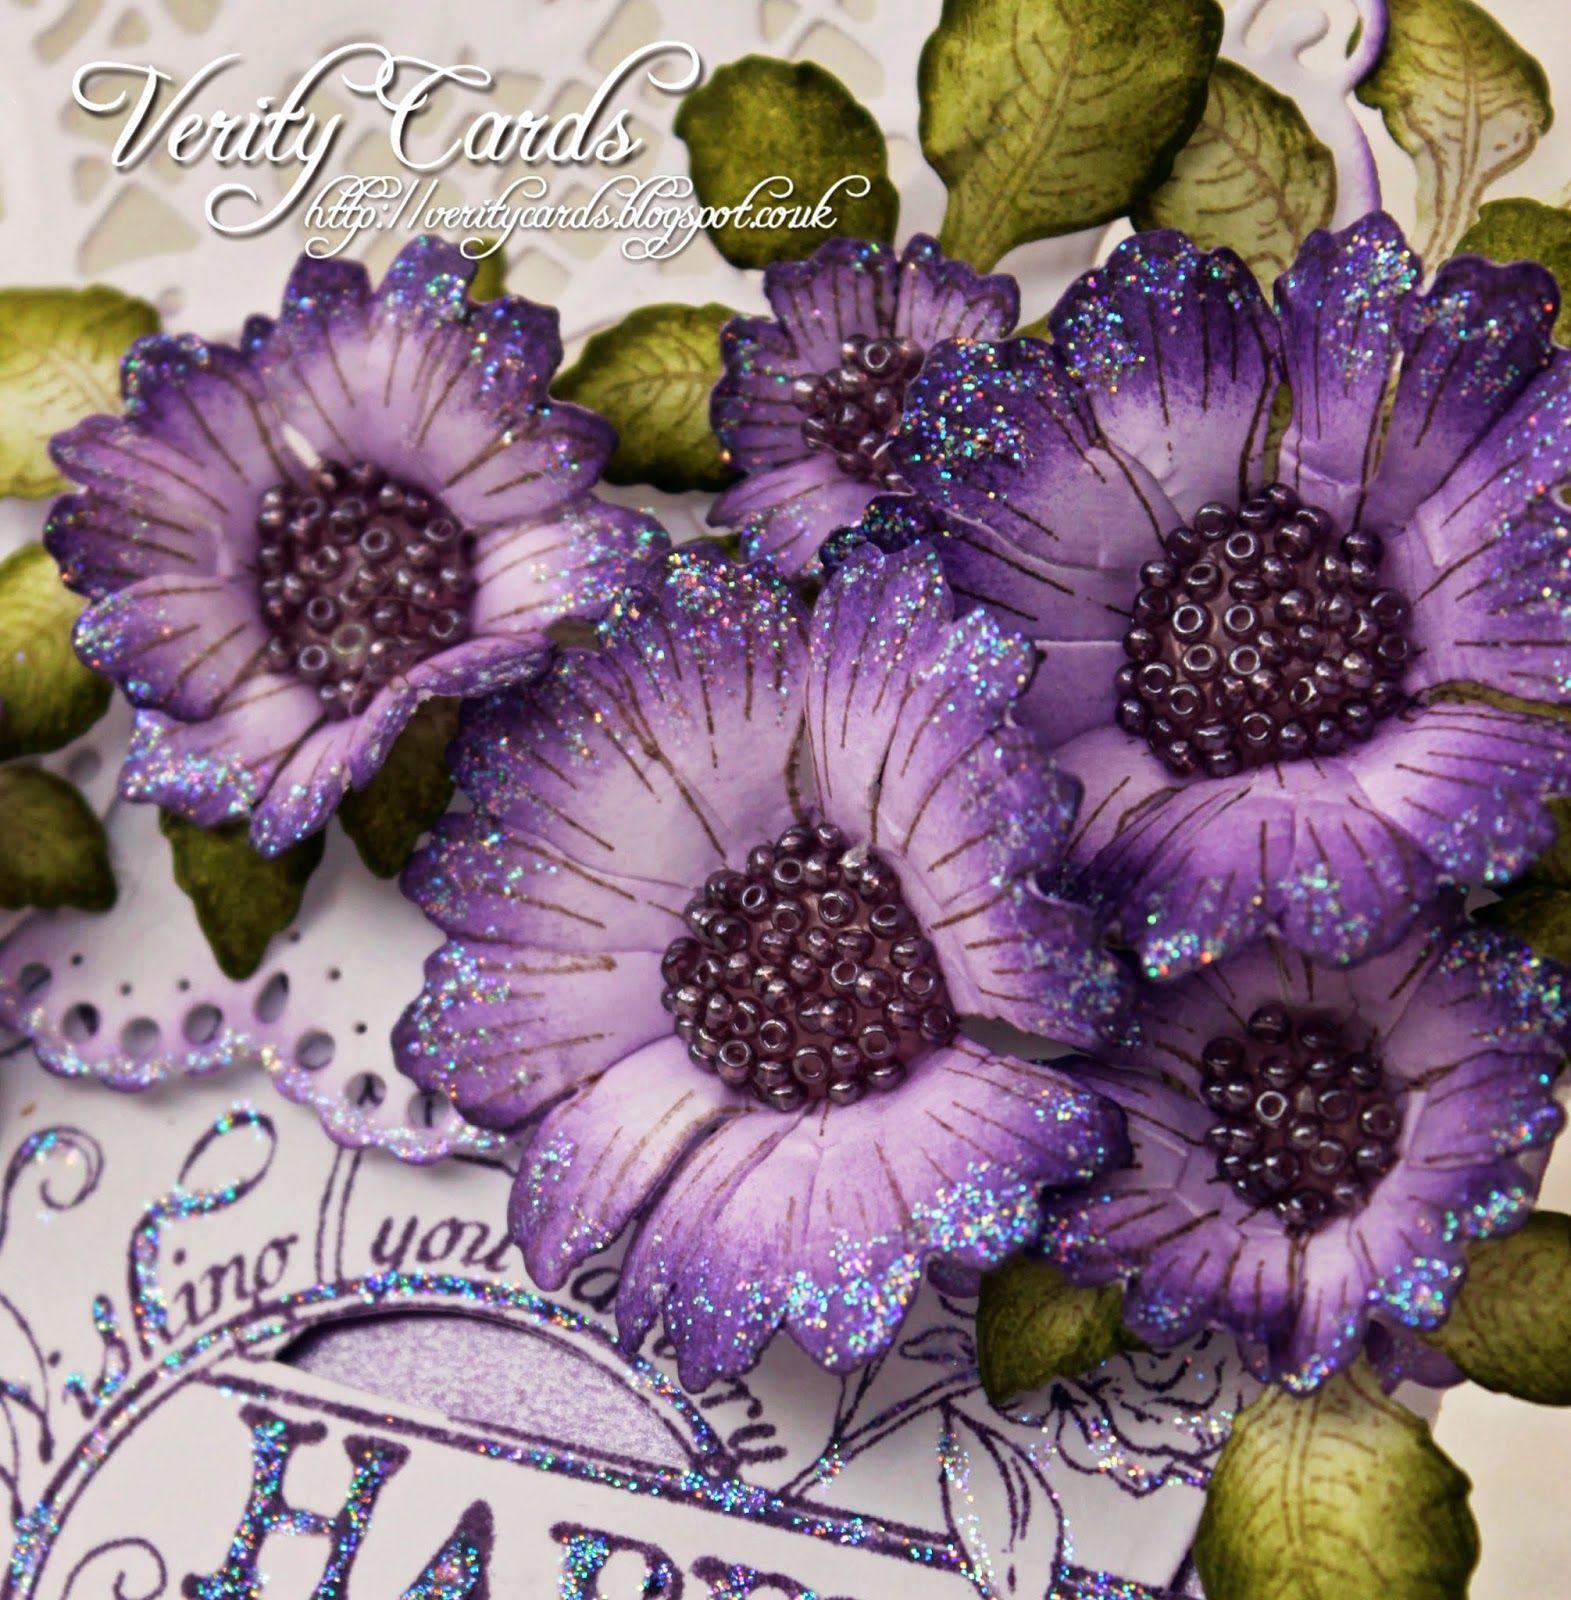 Flowers: Flower Making Tutorial (Verity Cards)